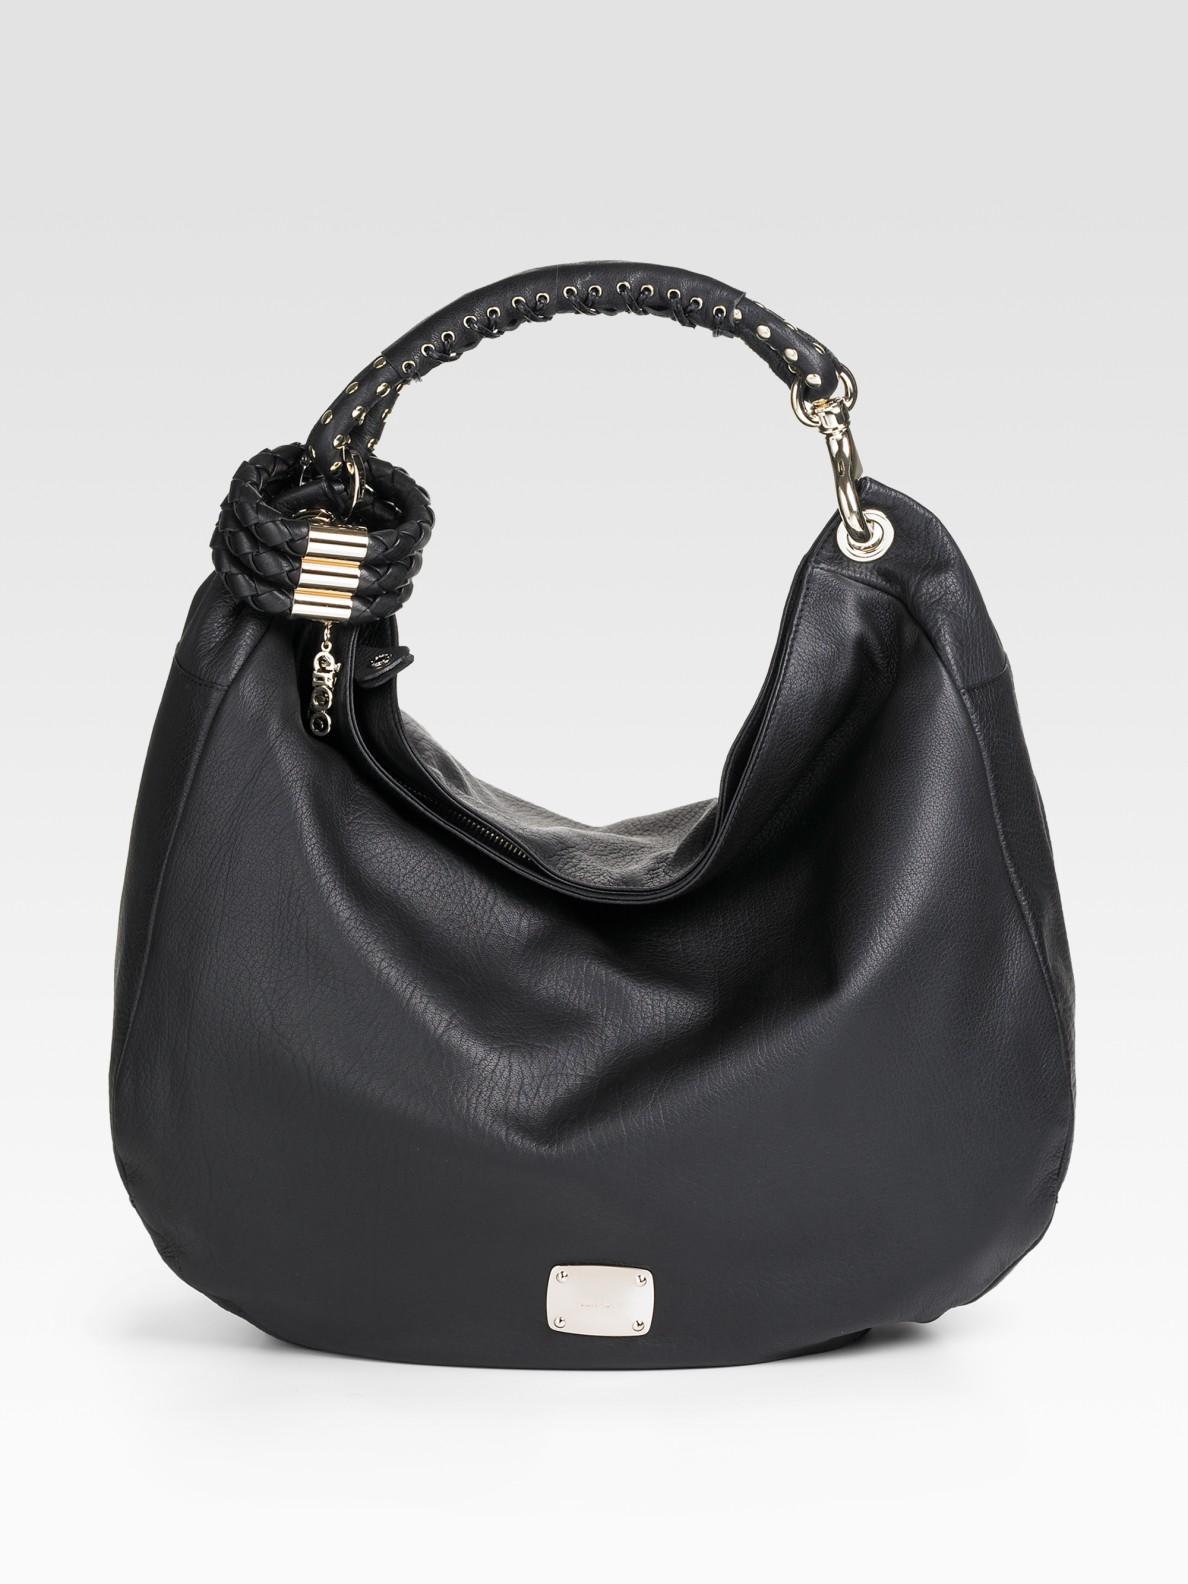 23418082bfa Jimmy Choo Black Leather Sky Studded Bangle Hobo in Black - Lyst